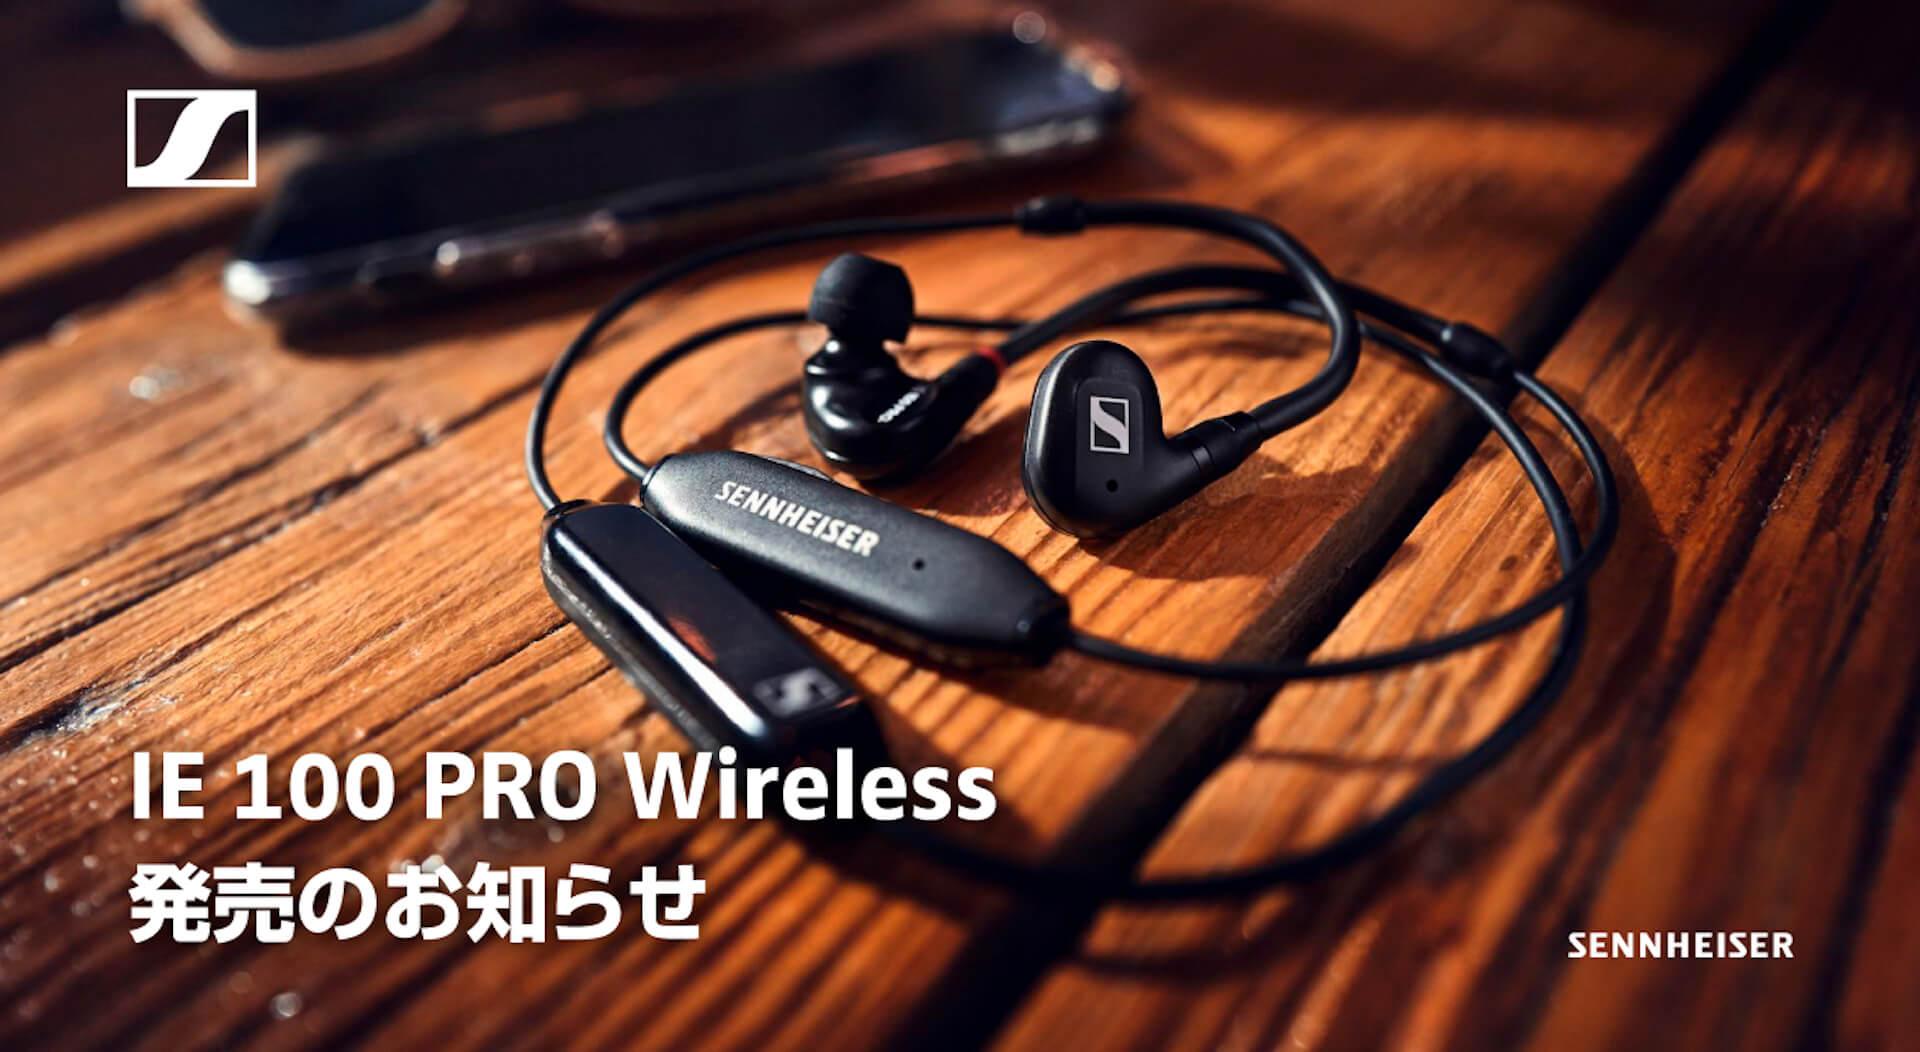 ゼンハイザーからワイヤレス&有線に対応するプロ仕様のモニタリングイヤホン『IE 100 PRO Wireless』が発売決定! tech210930_sennheiser_8